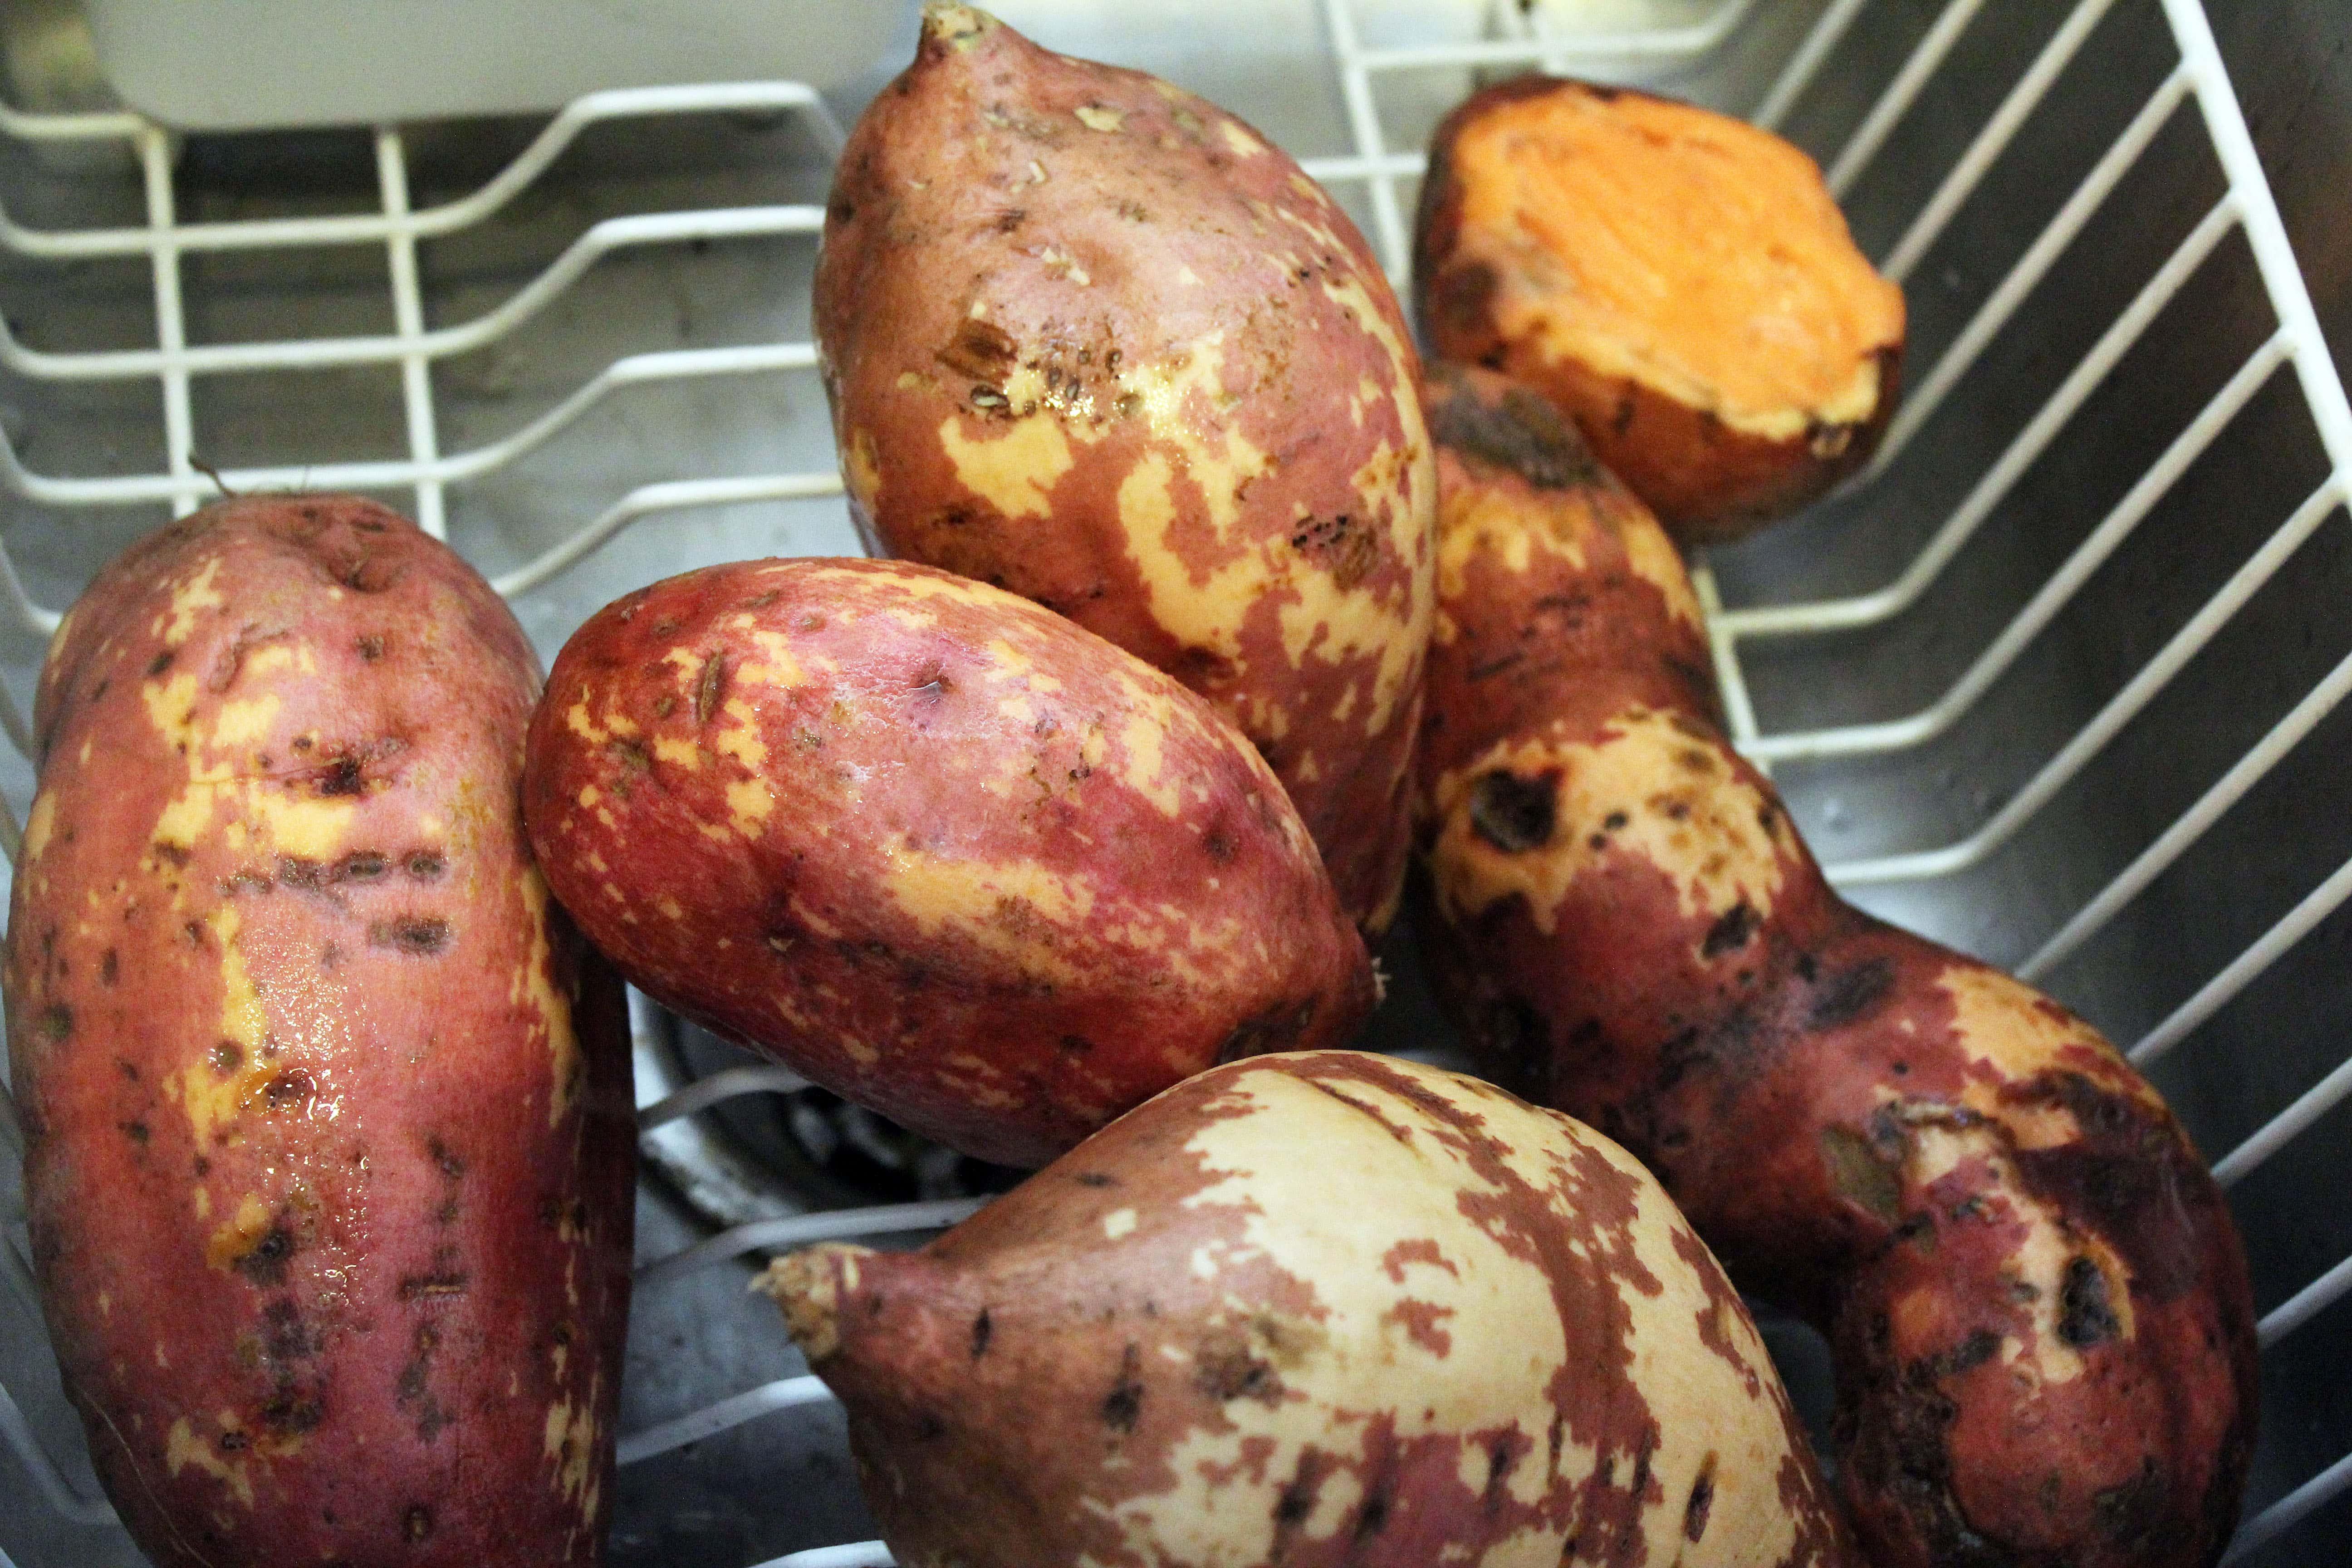 scrub potatoes well